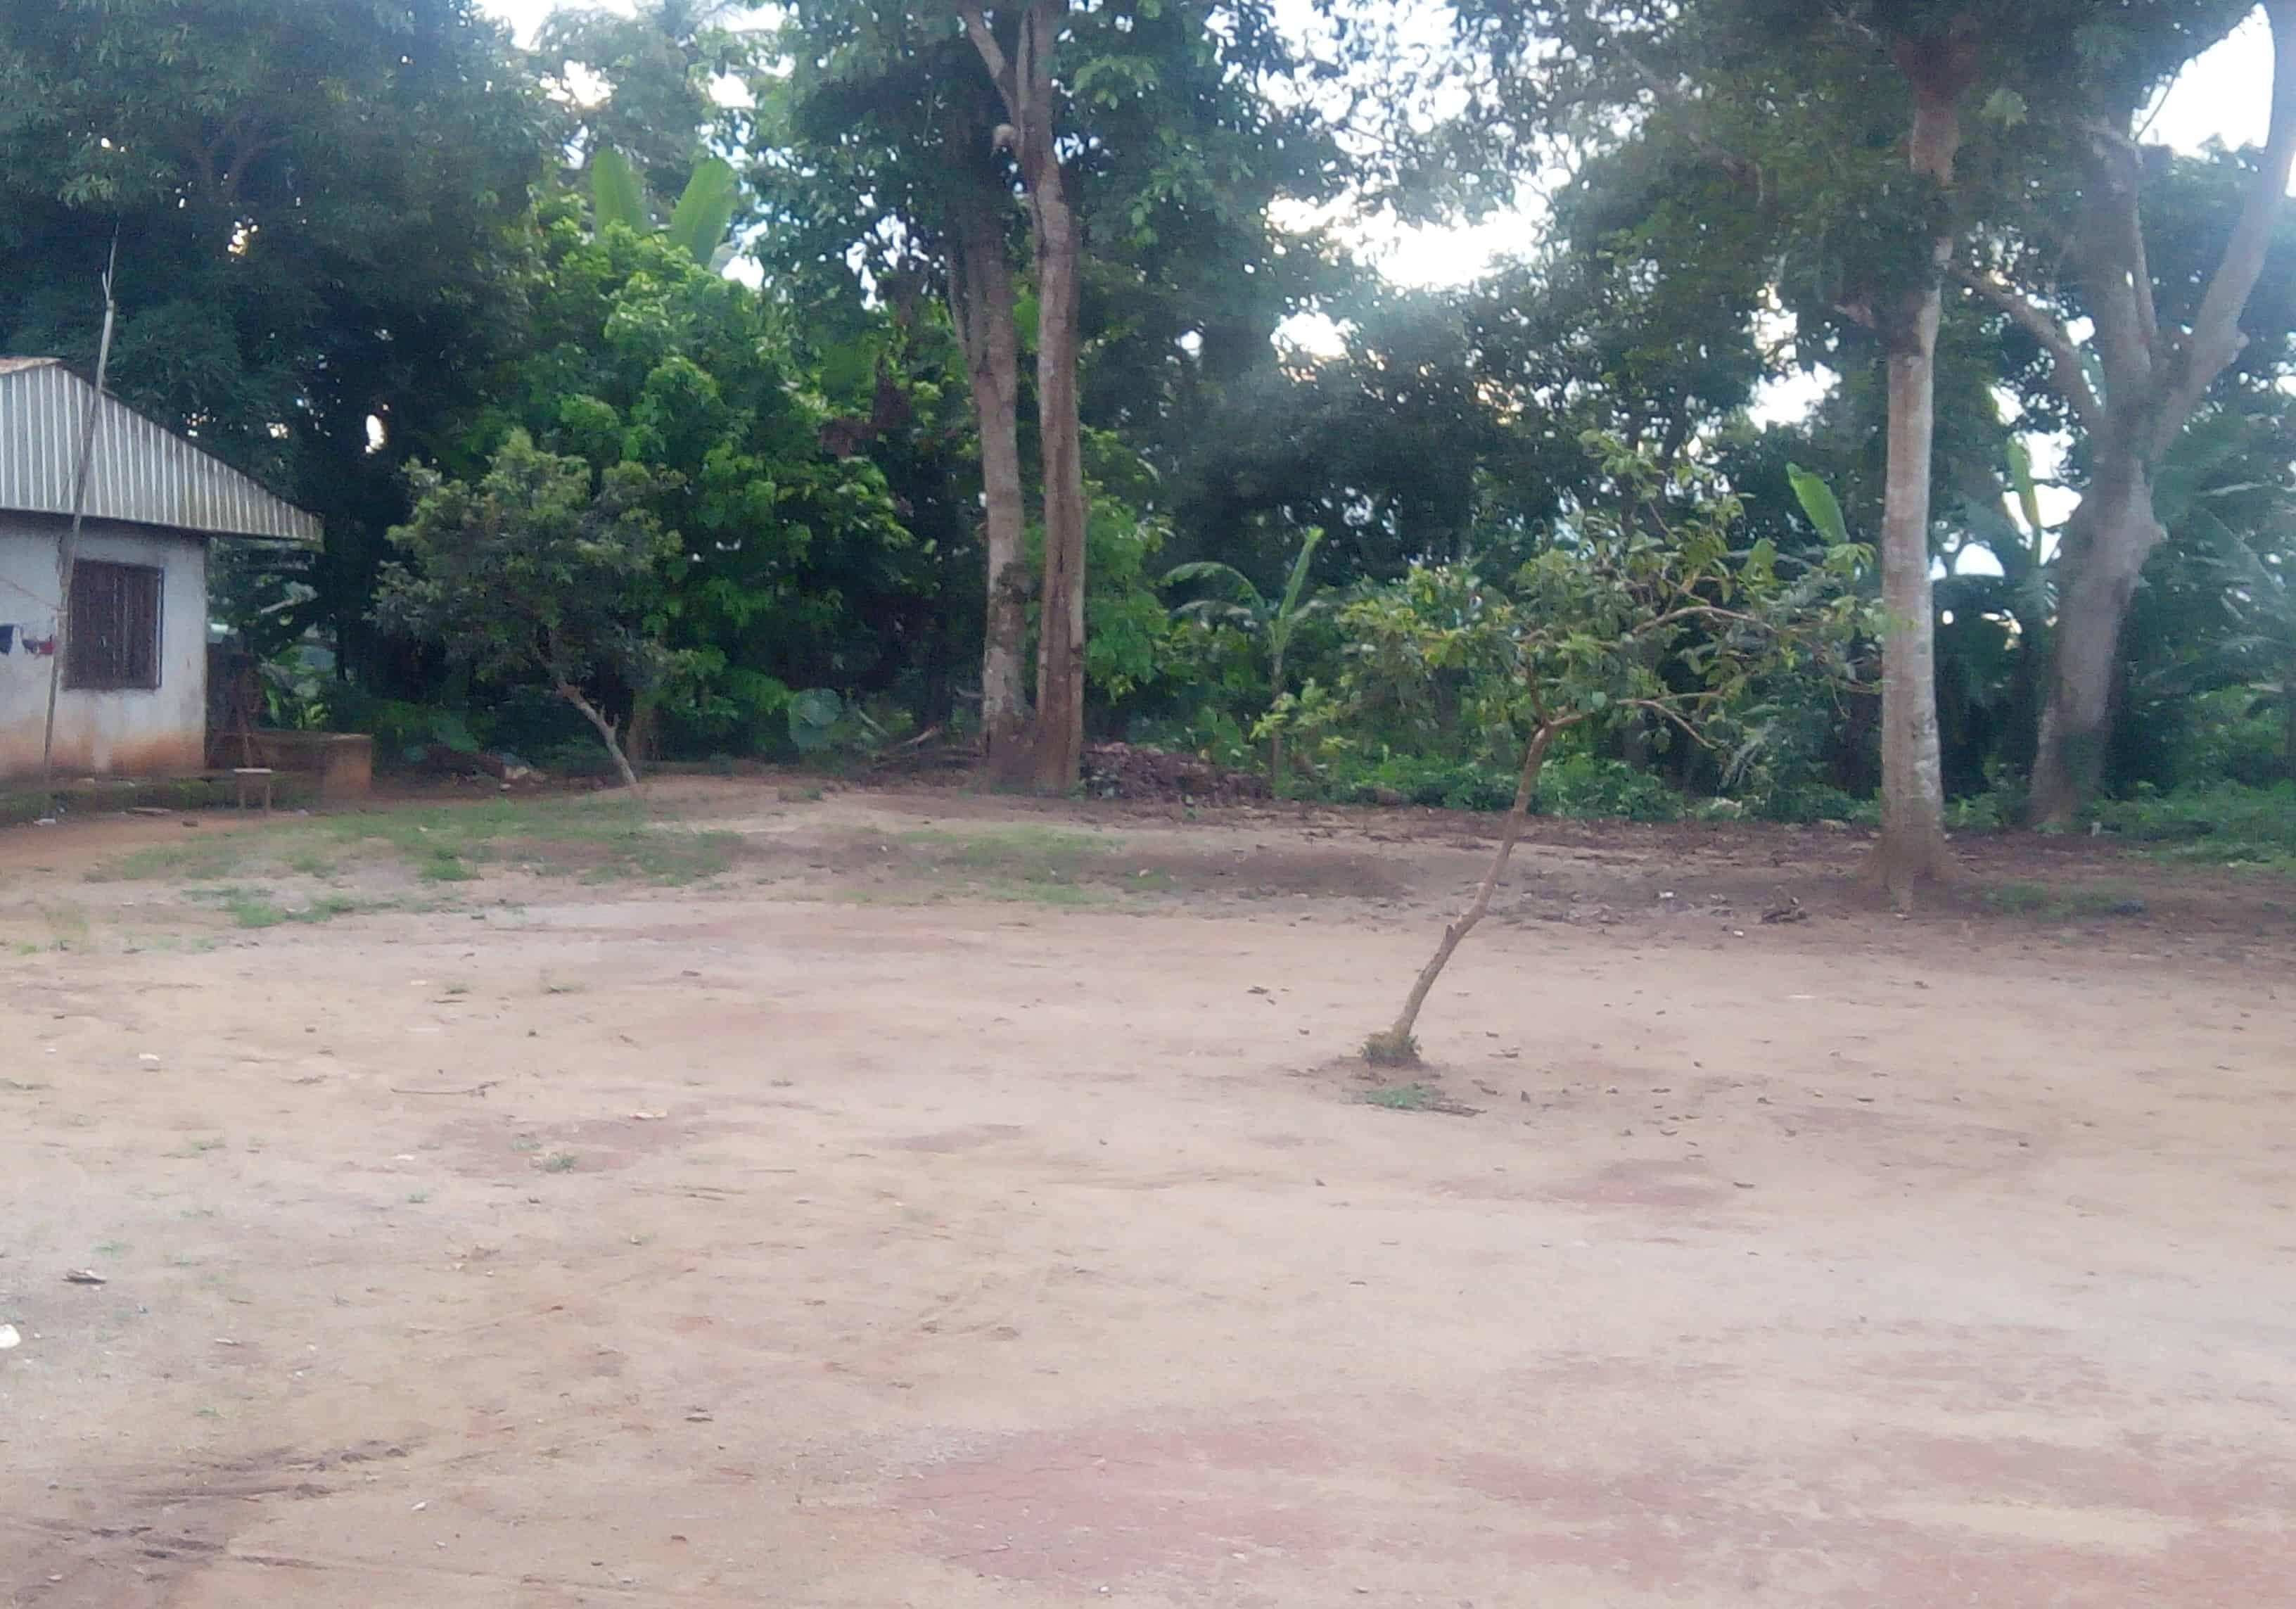 Terrain à vendre - Yaoundé, Nkolfoulou, Yéné yéné - 900 m2 - 7 200 000 FCFA